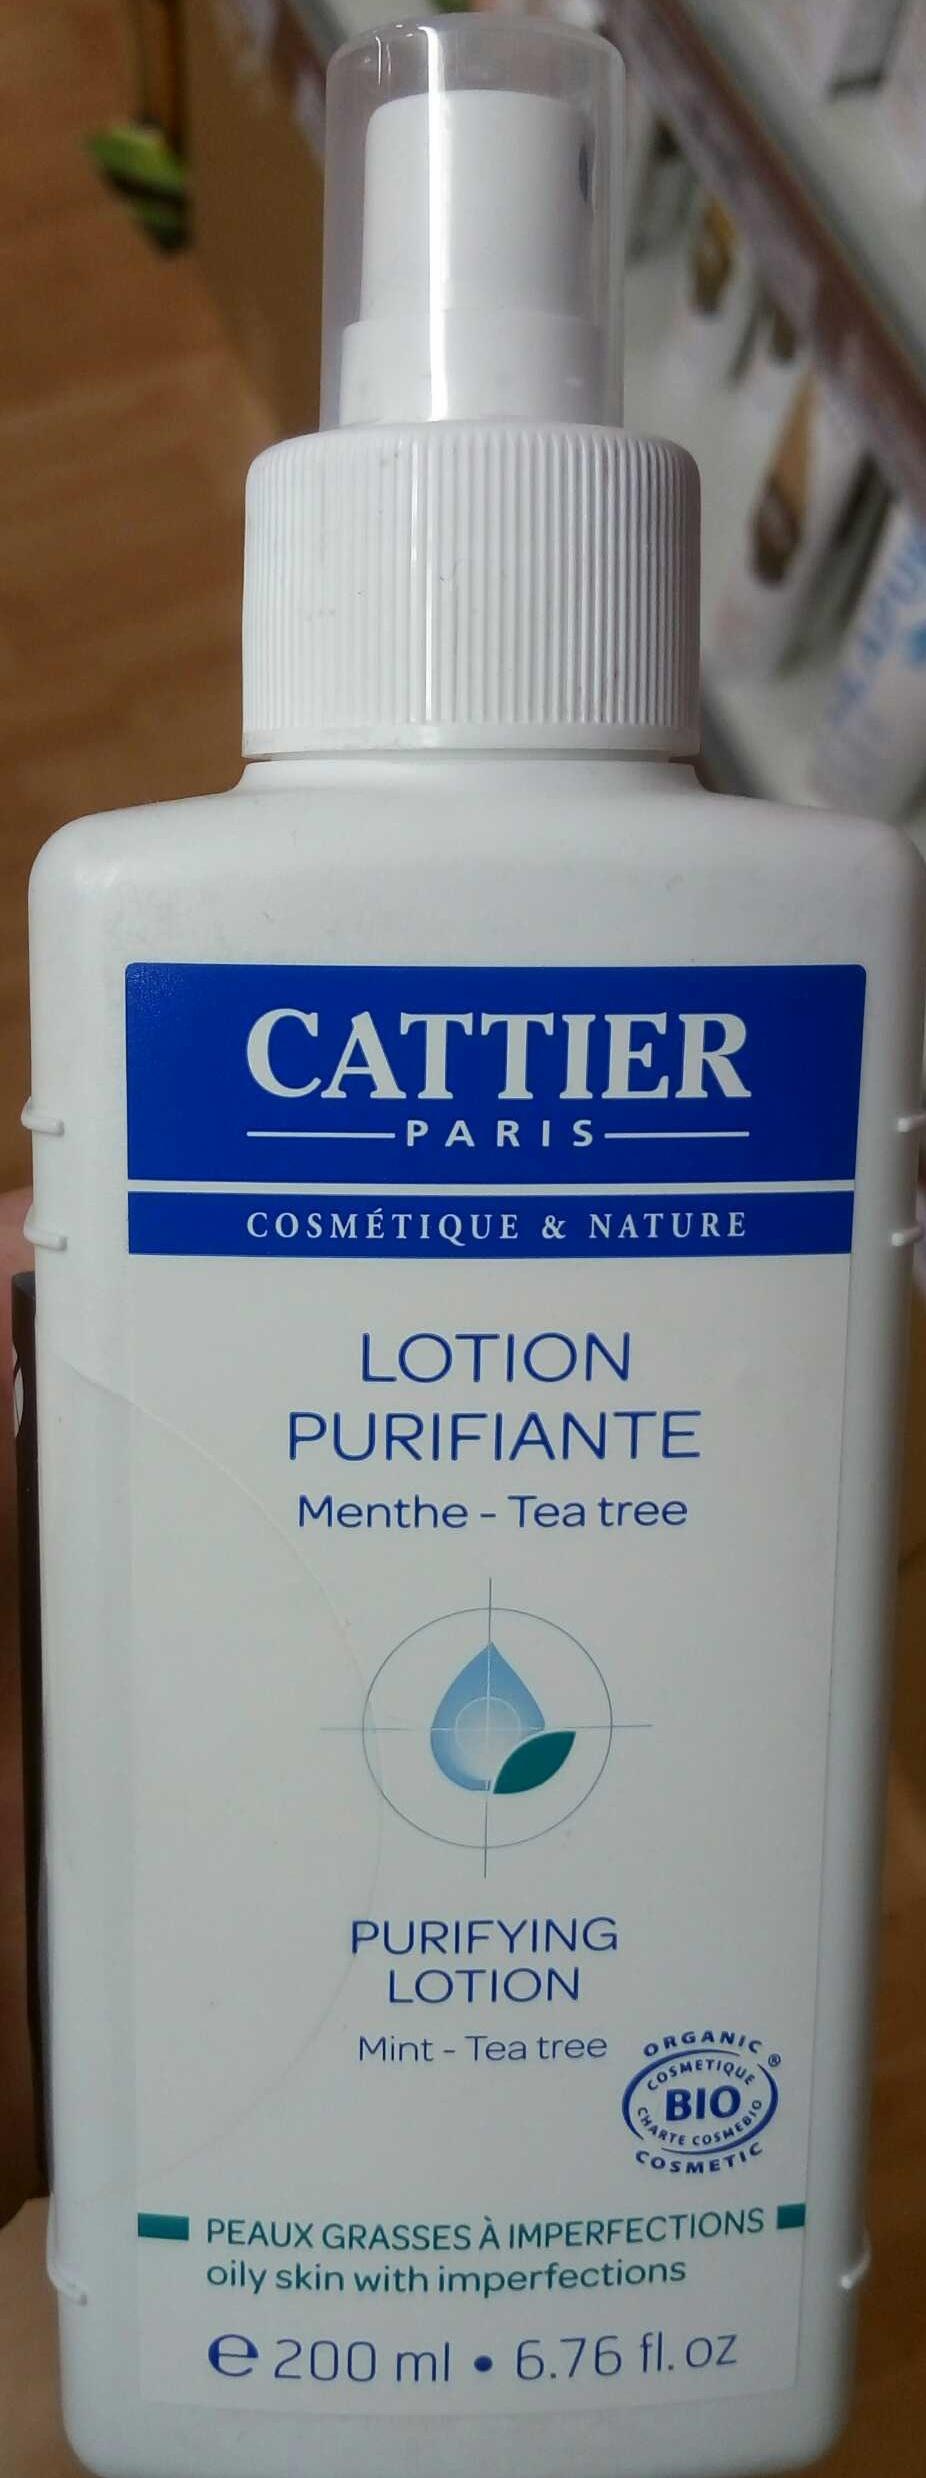 Lotion Purifiante Menthe - Tea Tree - Product - fr